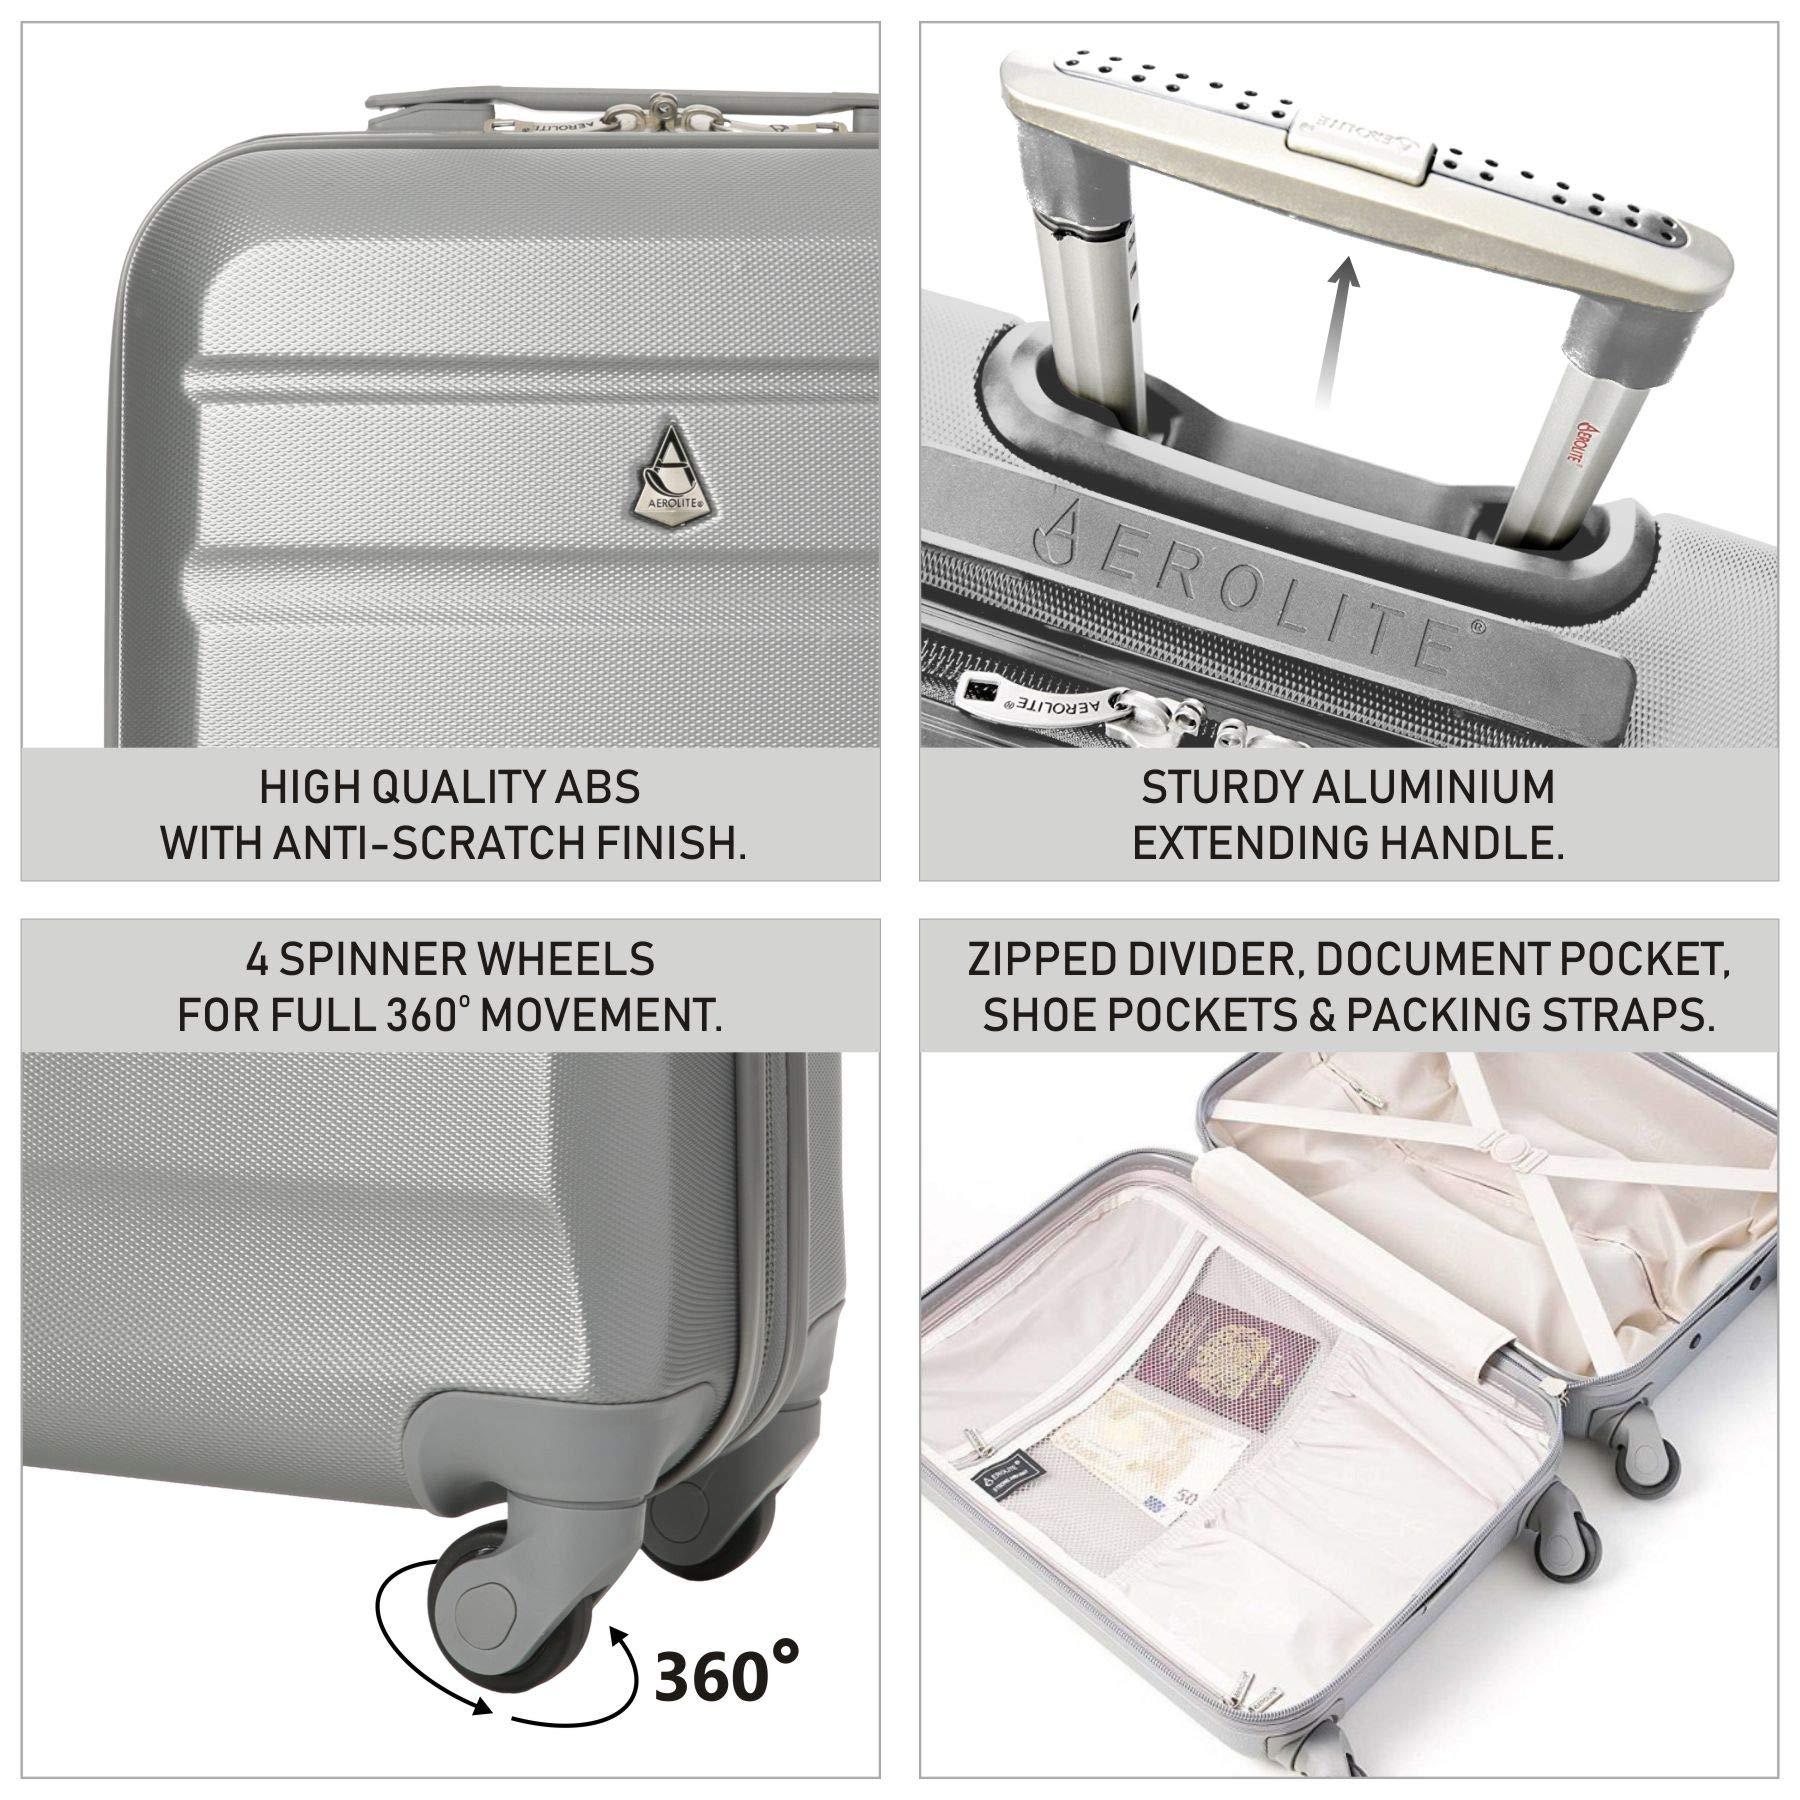 Aerolite ABS Bagage Cabine Bagage /à Main Valise Rigide L/égere /à Serrure /à Combinaison TSA Int/égr/ée Noir pour Ryanair Air France et Plus easyJet